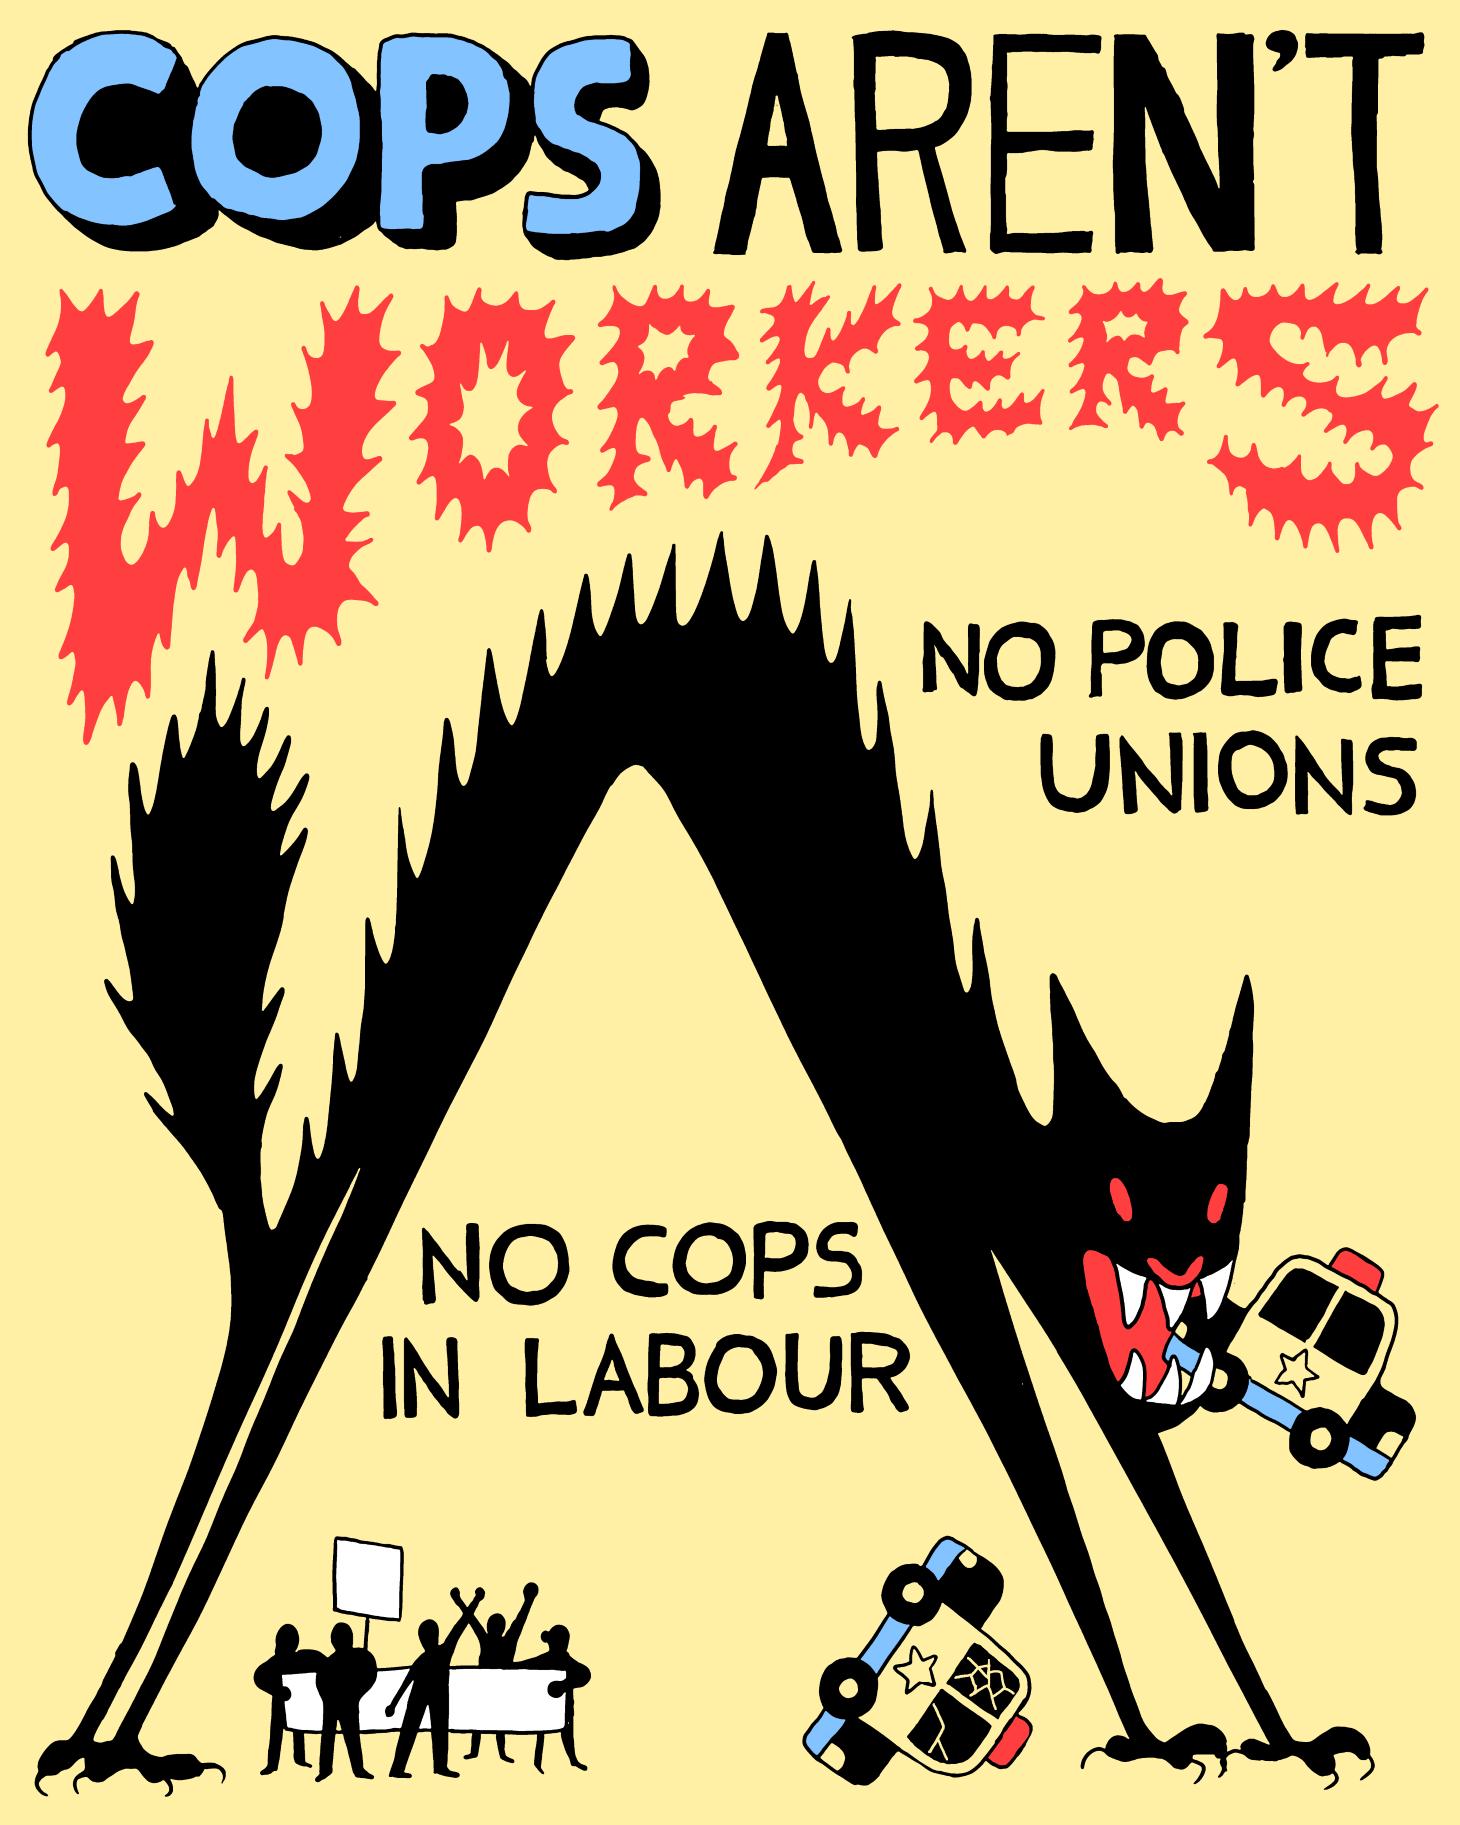 cops arent workers